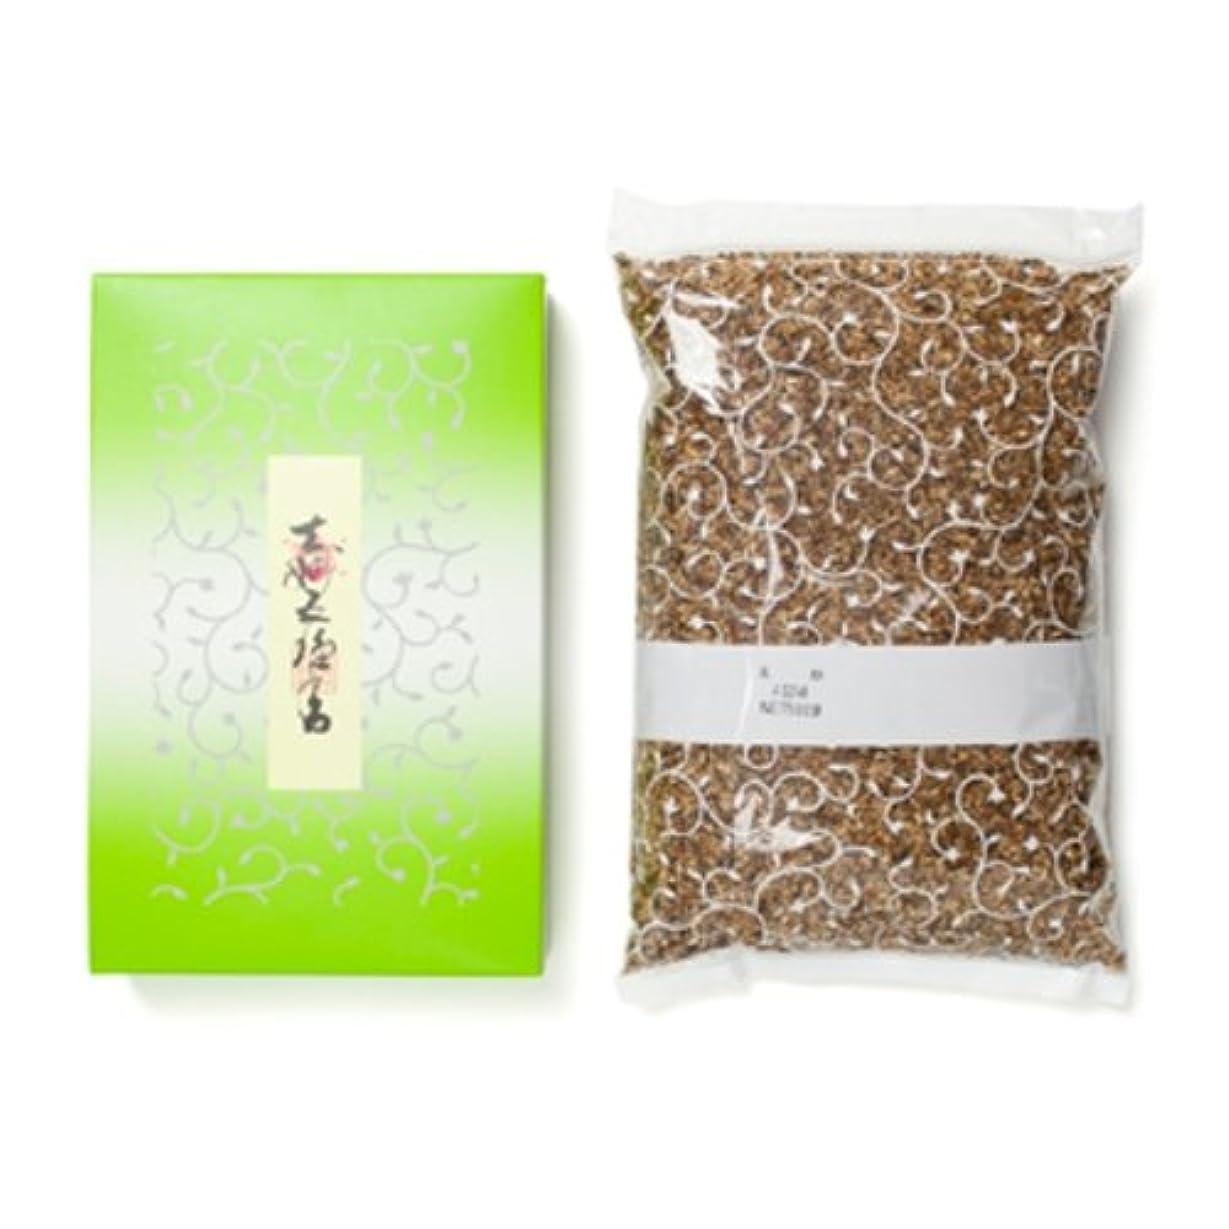 部屋を掃除する食事を調理する無効にする松栄堂のお焼香 玄妙五種香 500g詰 紙箱入 #410111